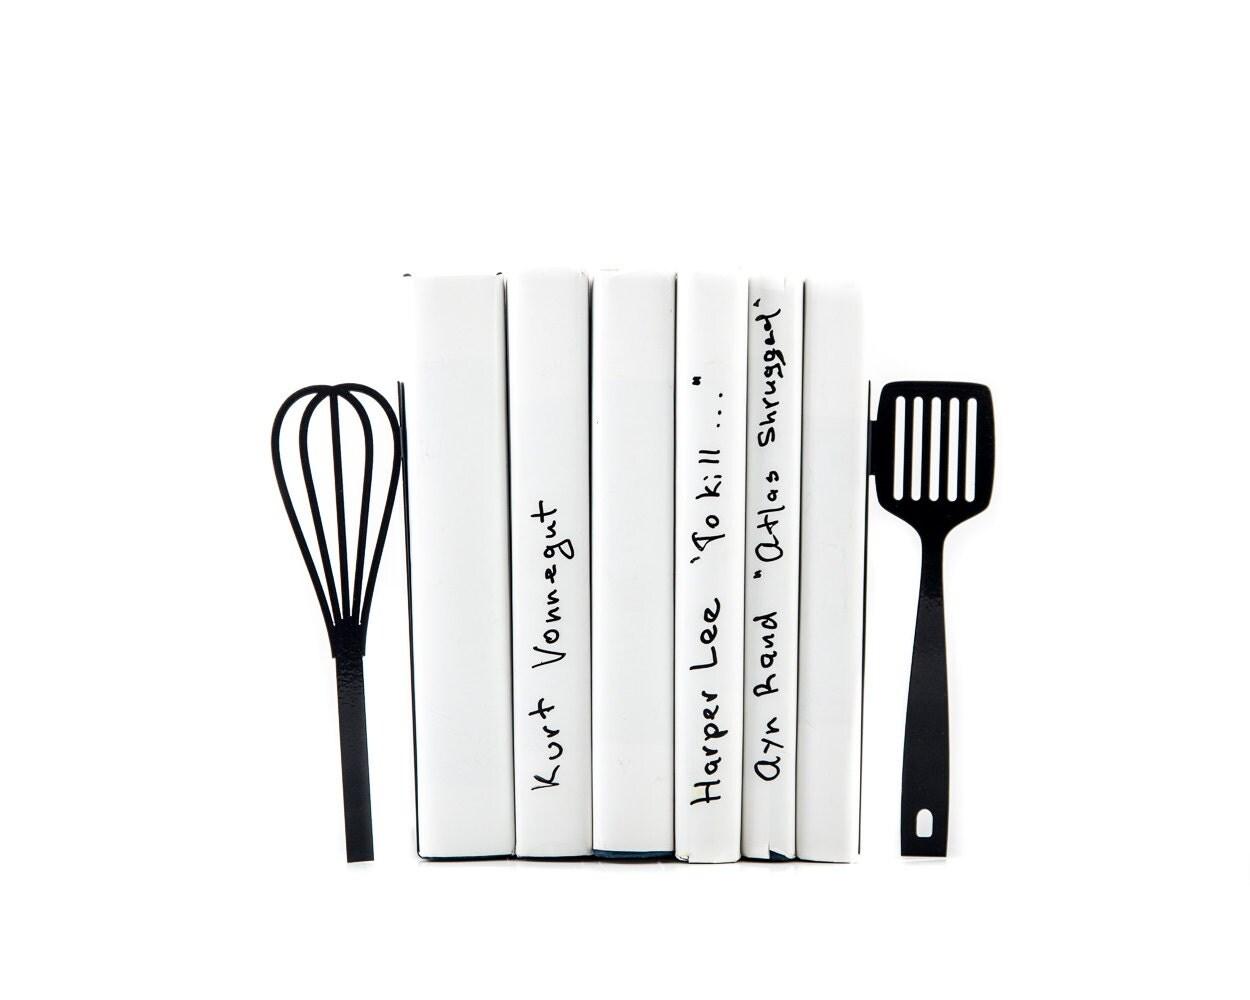 serre livres spatule et fouet livraison gratuite. Black Bedroom Furniture Sets. Home Design Ideas